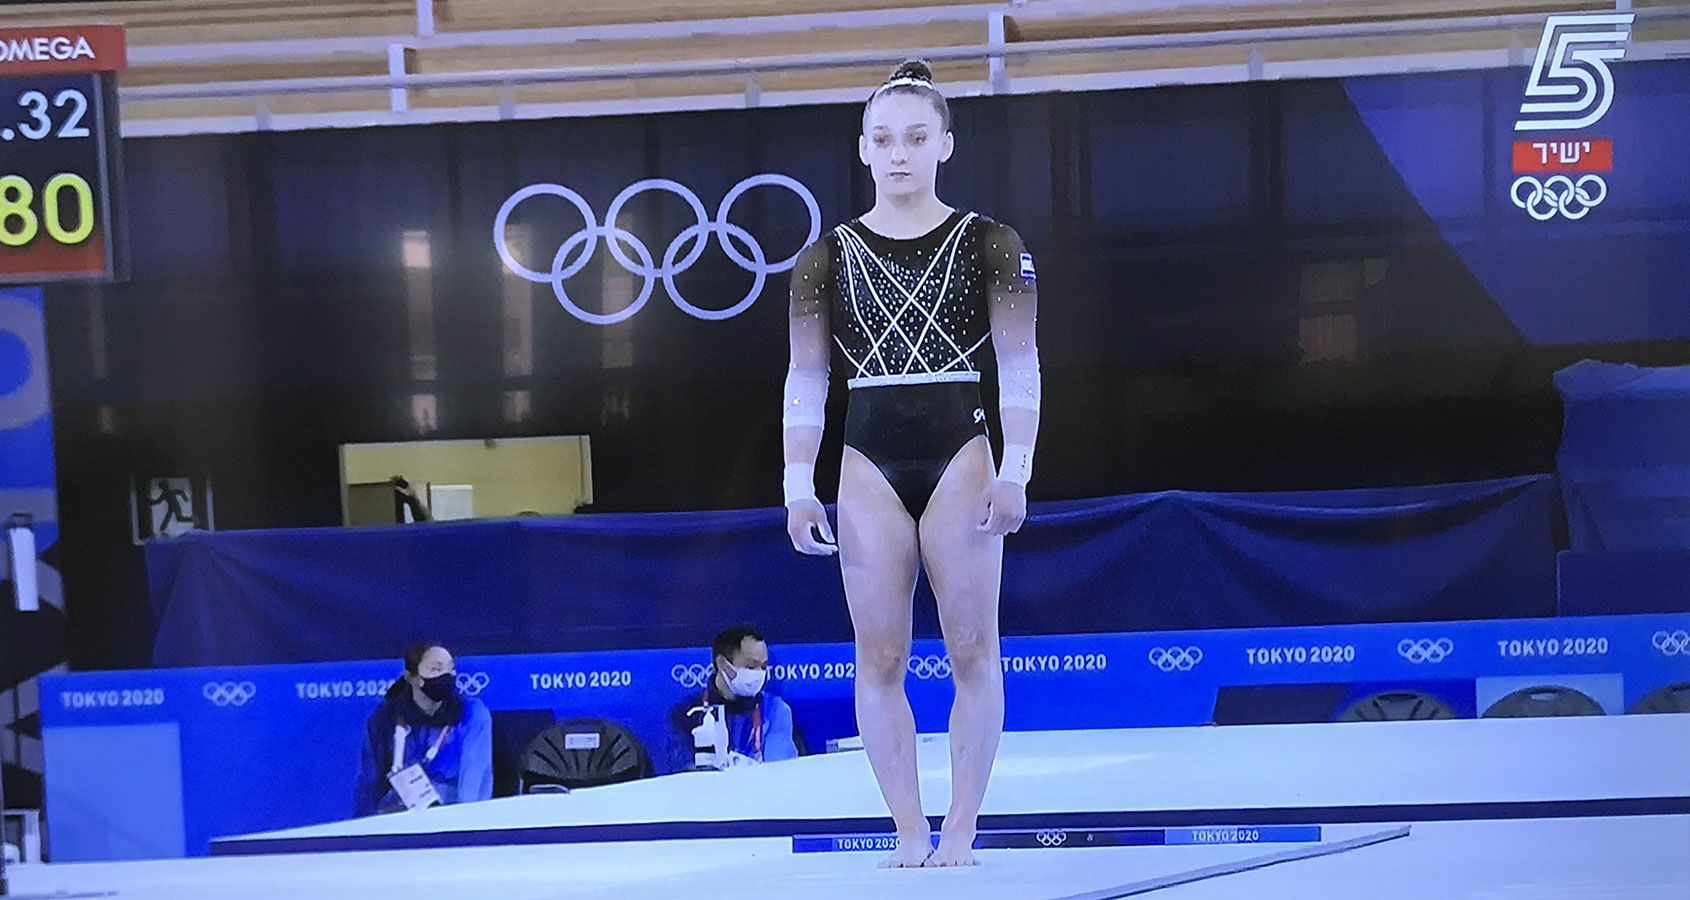 ליהיא רז בתרגיל קפיצות - אולימפיאדת טוקיו 2020. צילום מתוך שידור ערוץ הספורט (5)